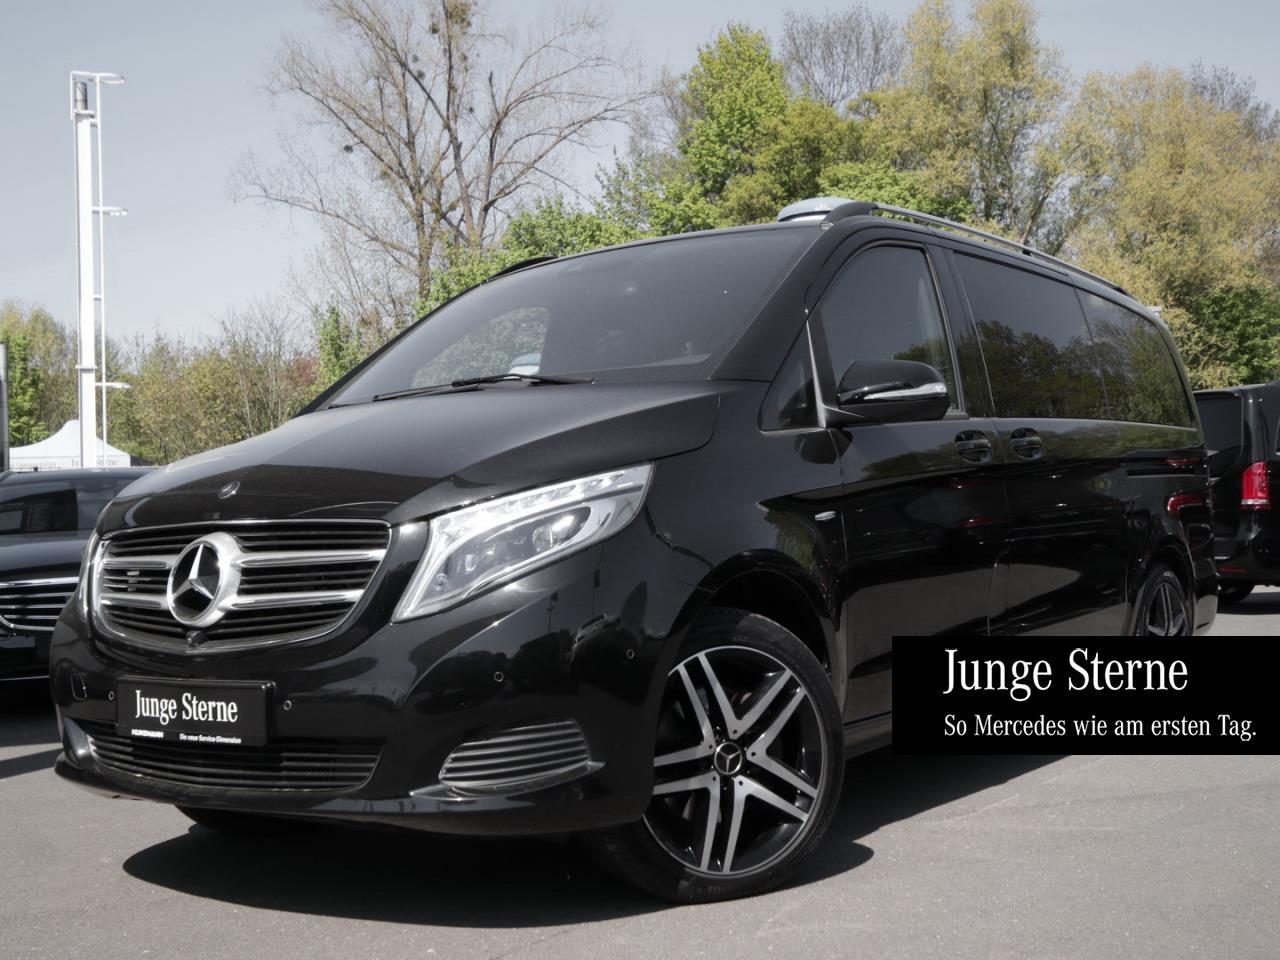 Fahrgastraum Mercedes W447 V-klasse Lang 1-Schiebetür ohne Tisch Anthrazit